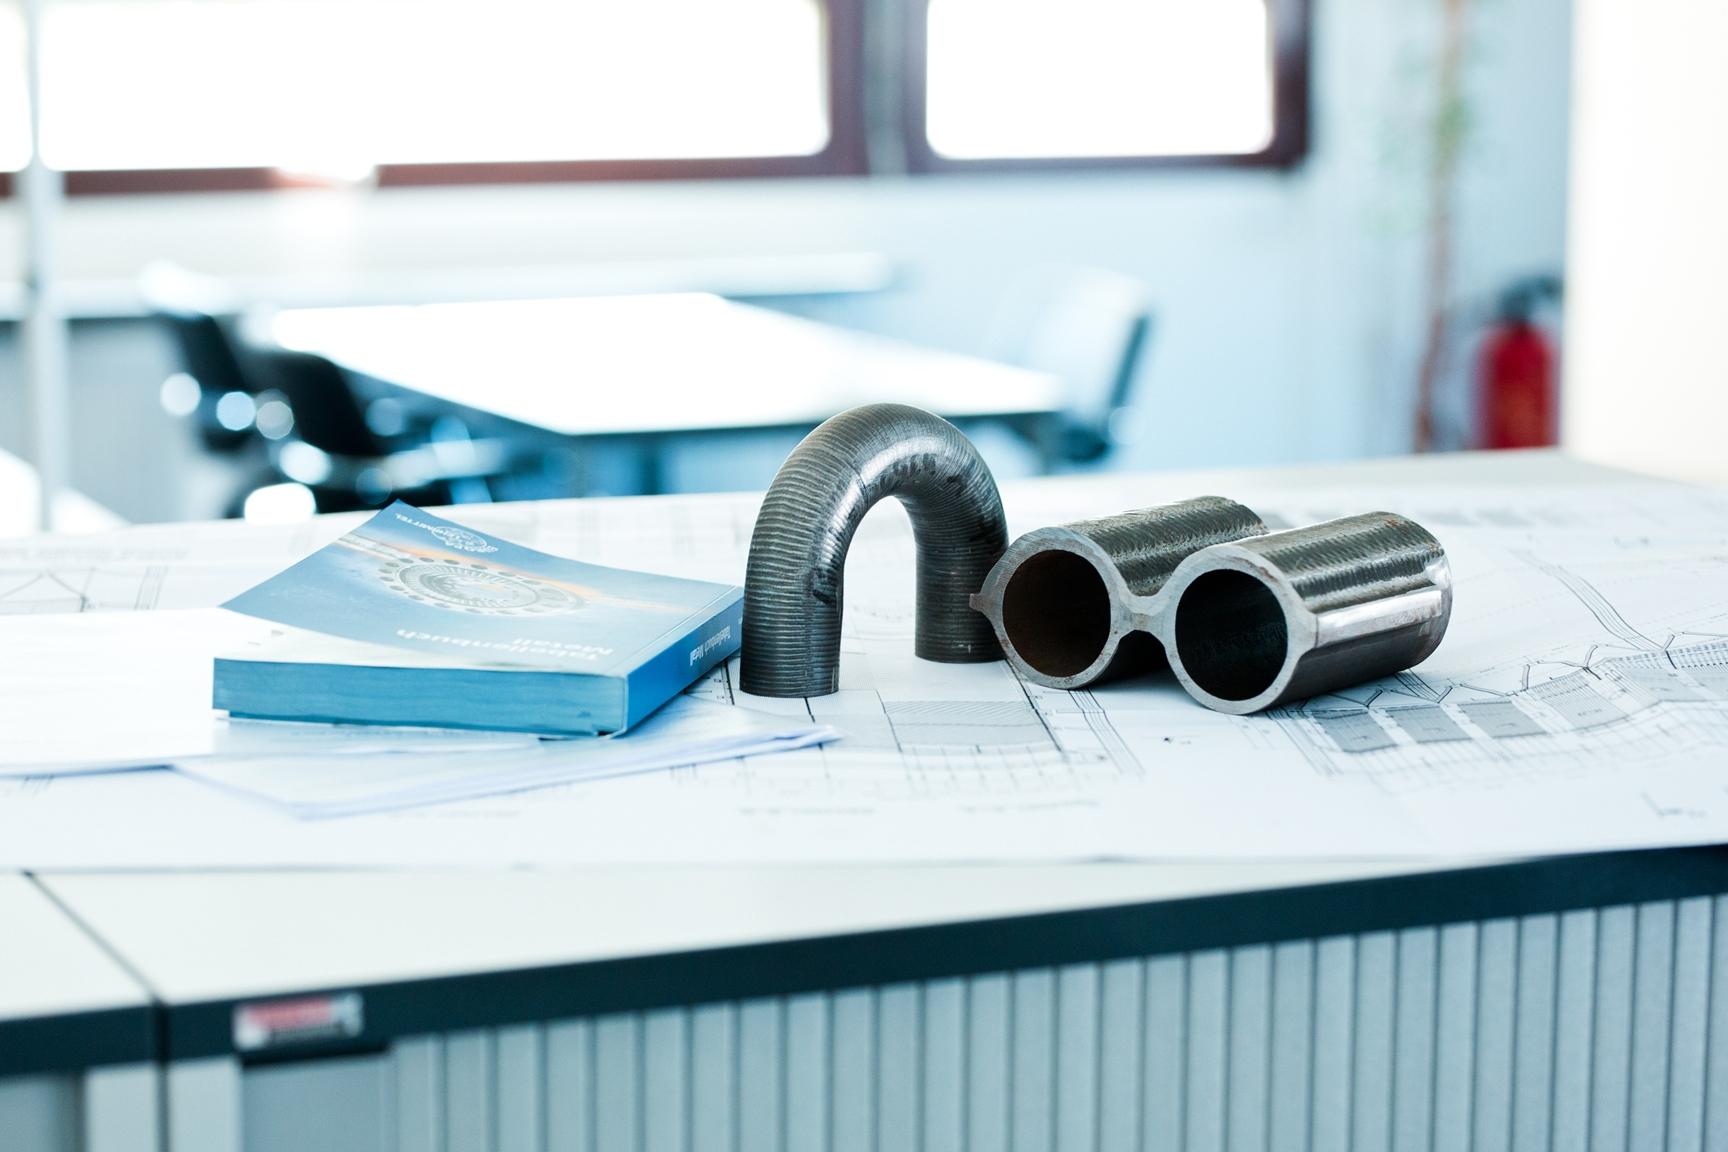 WEHRLE sucht einen technischen Produktdesigner/Zeichner